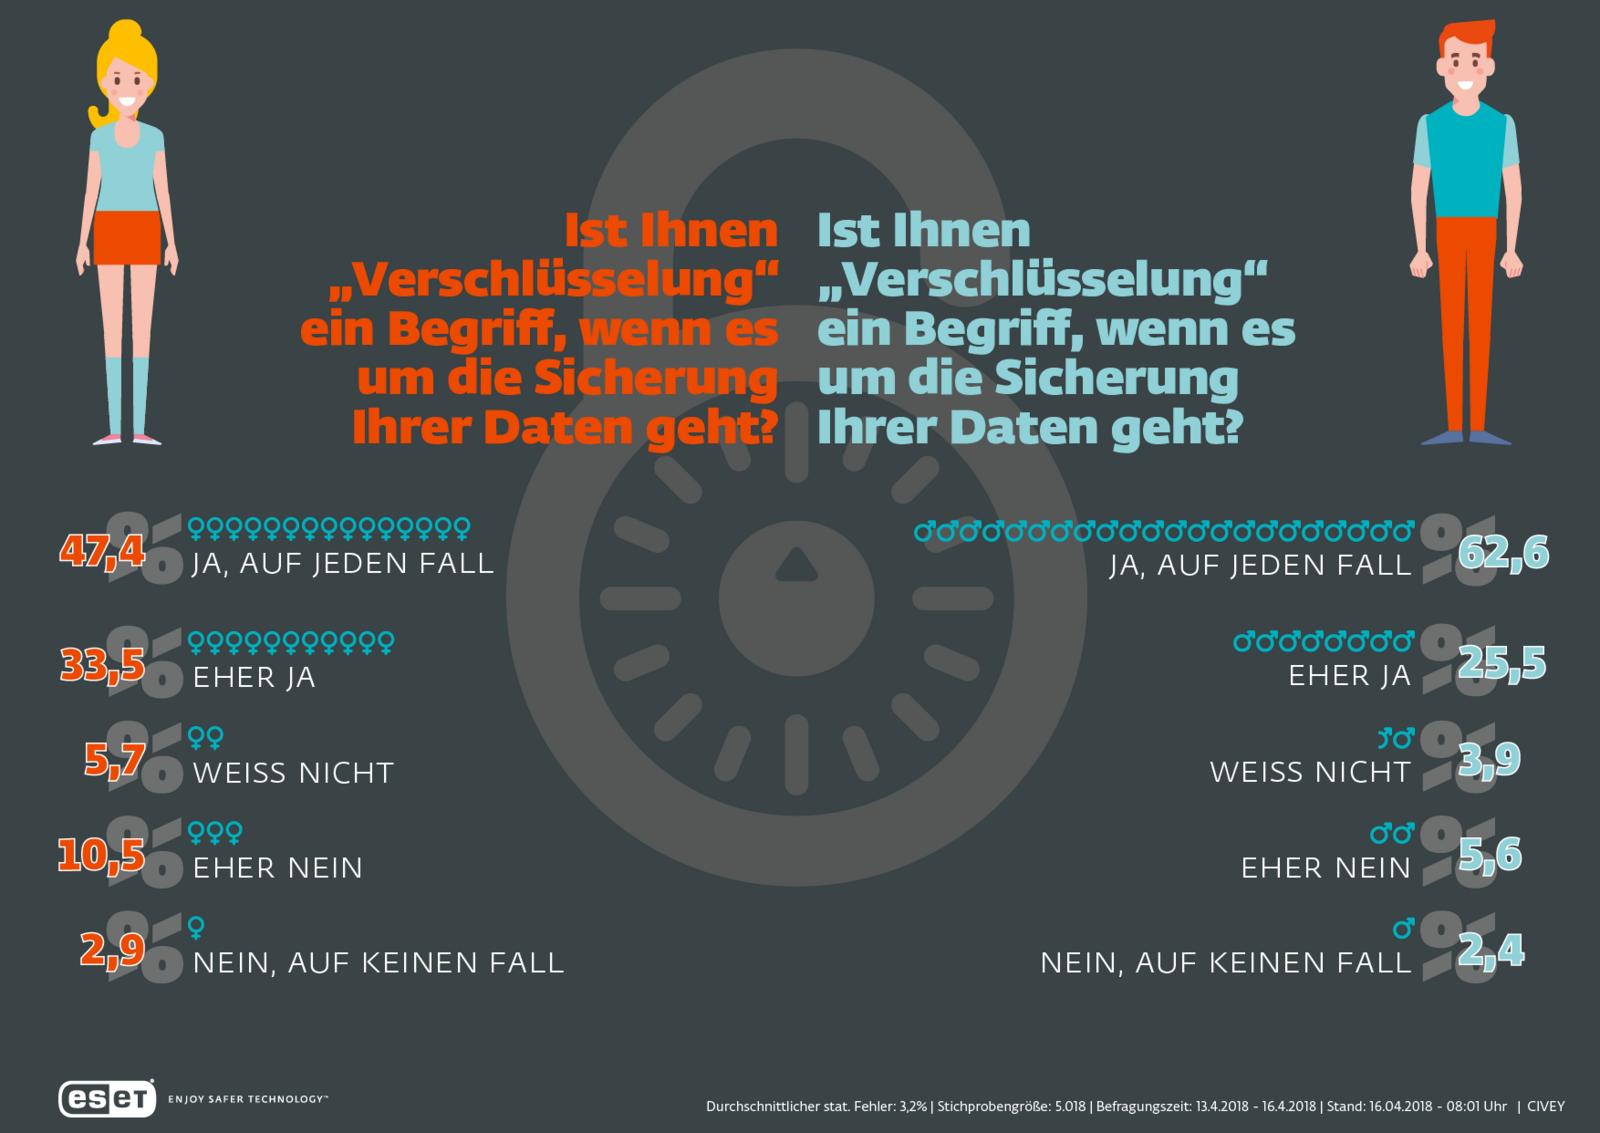 Unzureichende Verschlüsselung persönlicher Daten in Deutschland